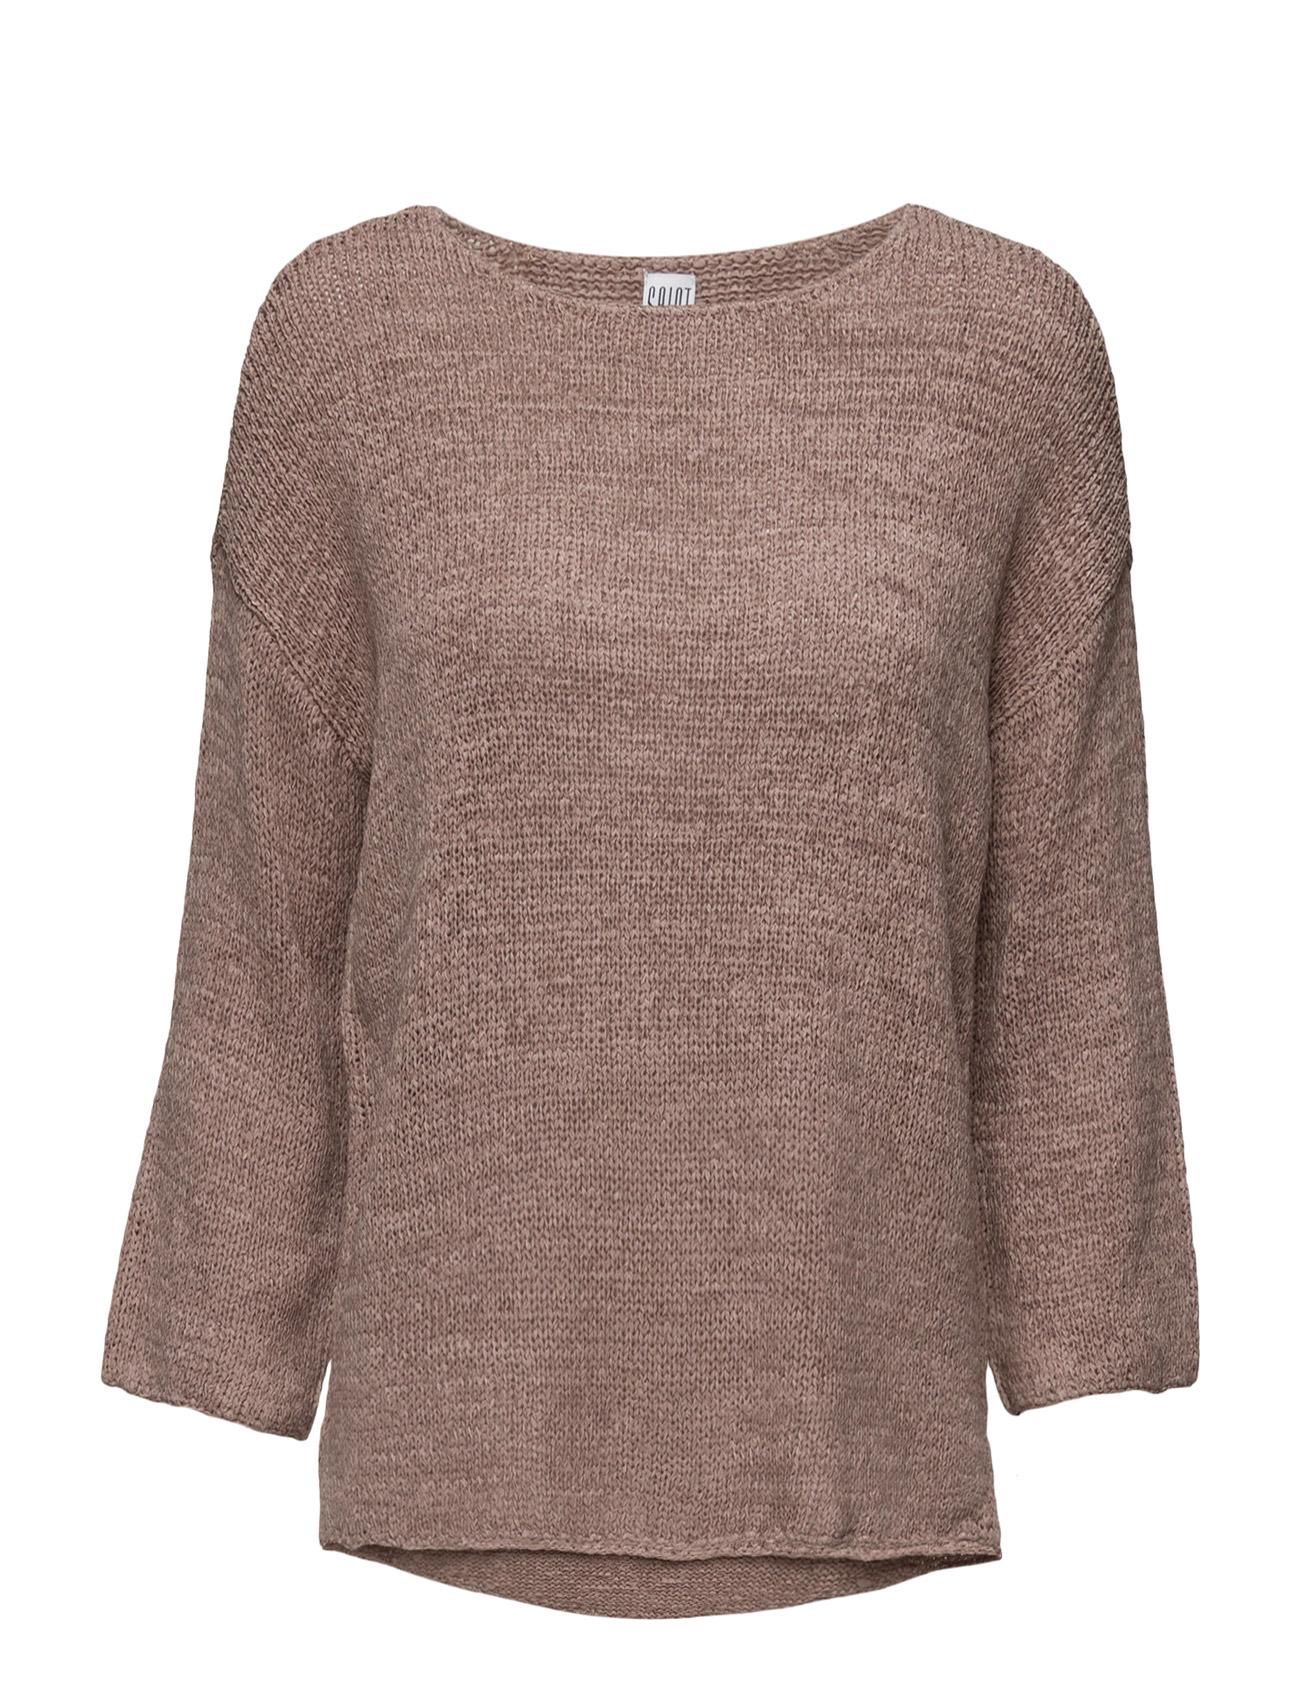 Tape Yarn Sweater Saint Tropez Sweatshirts til Kvinder i Is